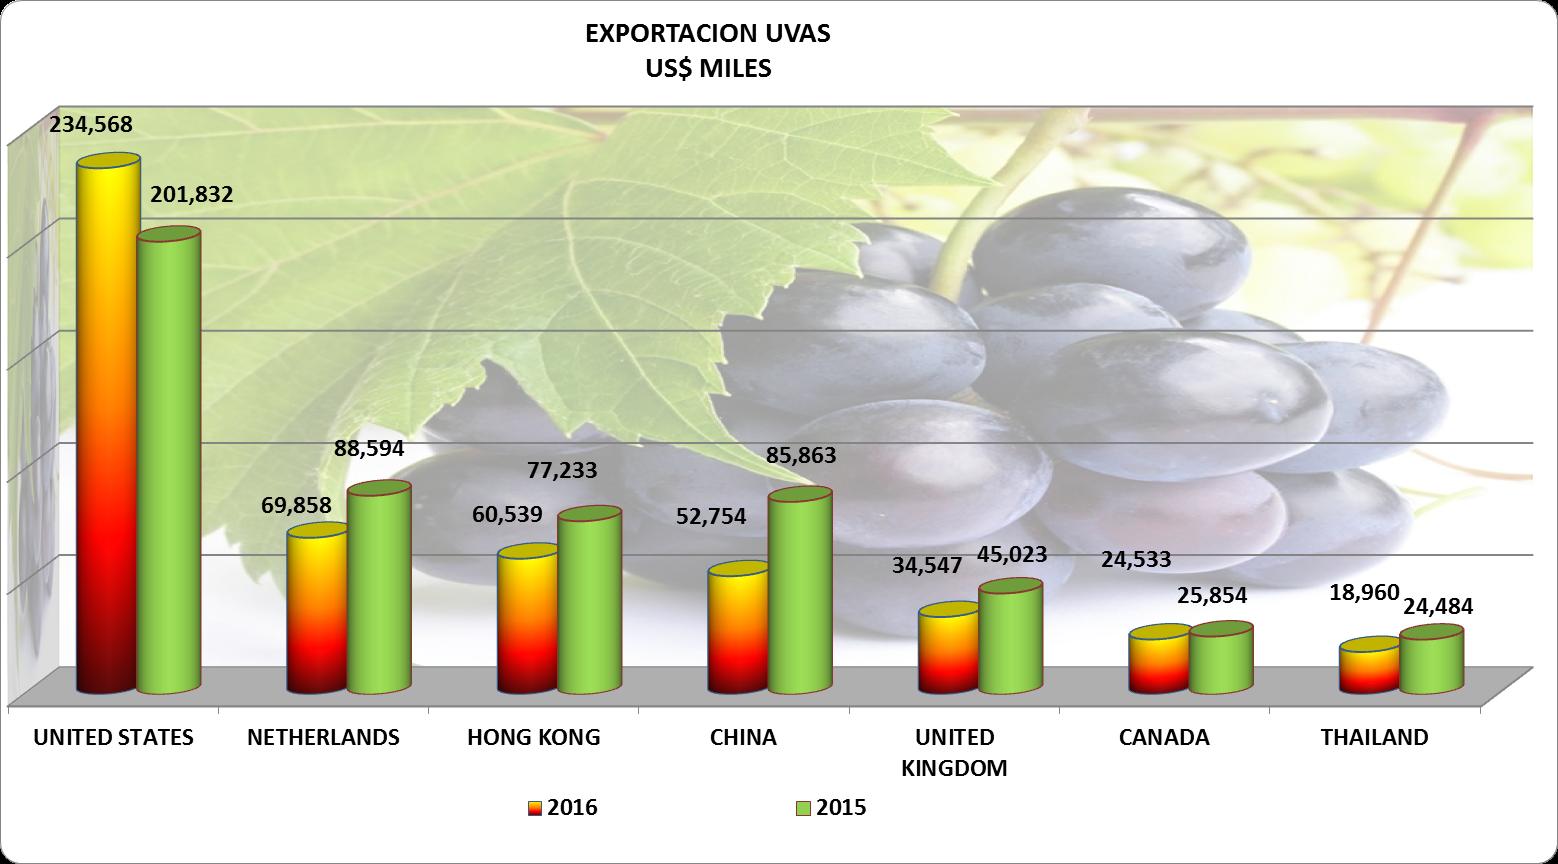 Uvas Perú Exportación 2016 Diciembre